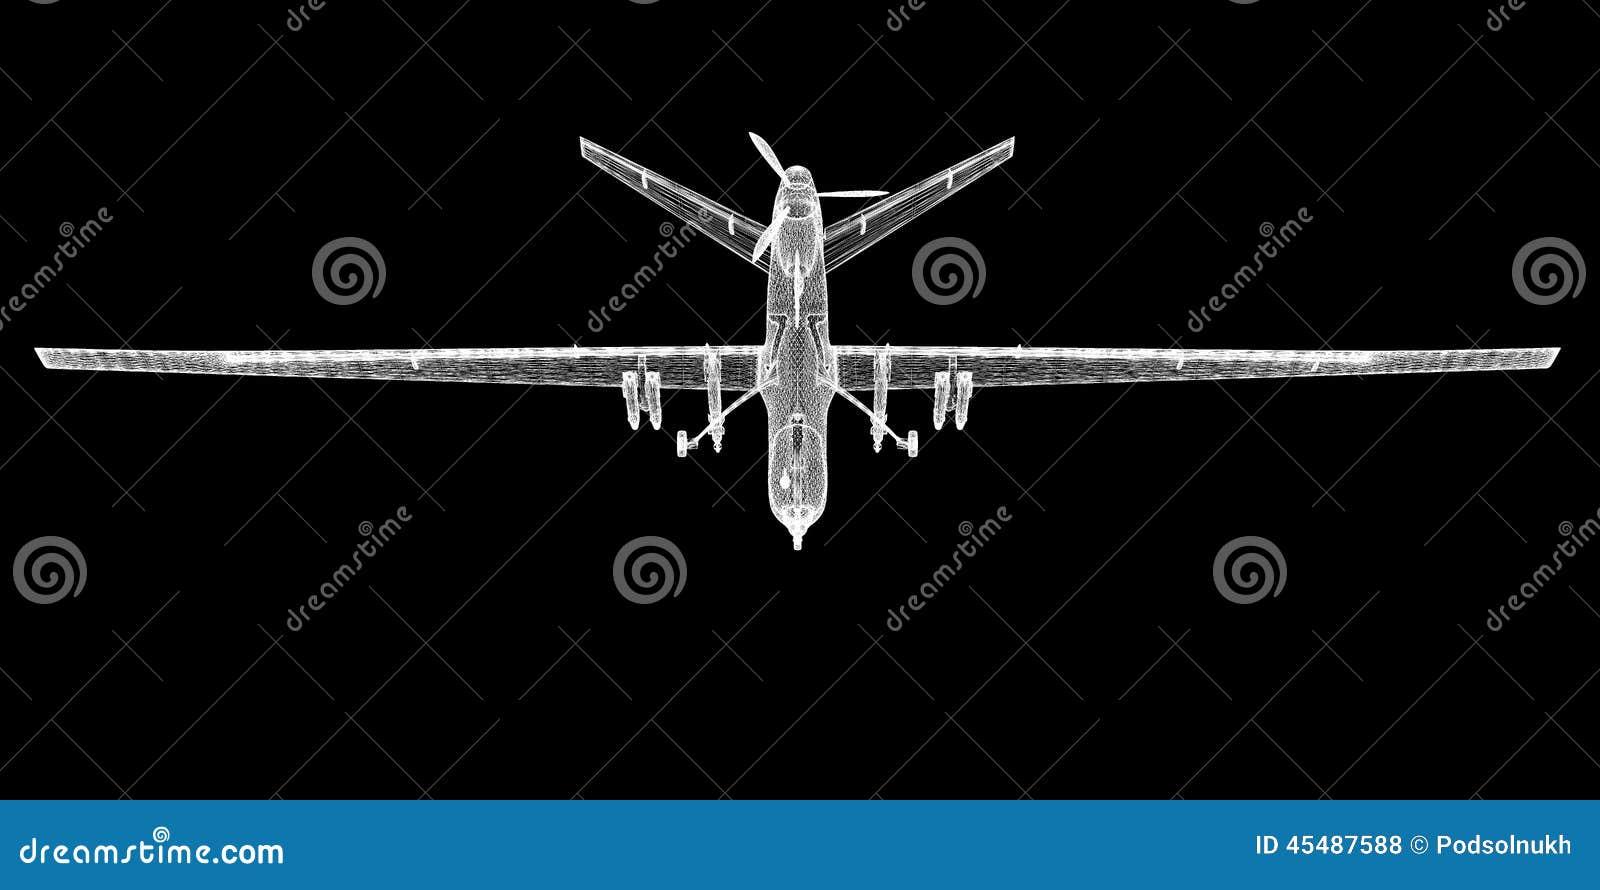 无人空中车(UAV)